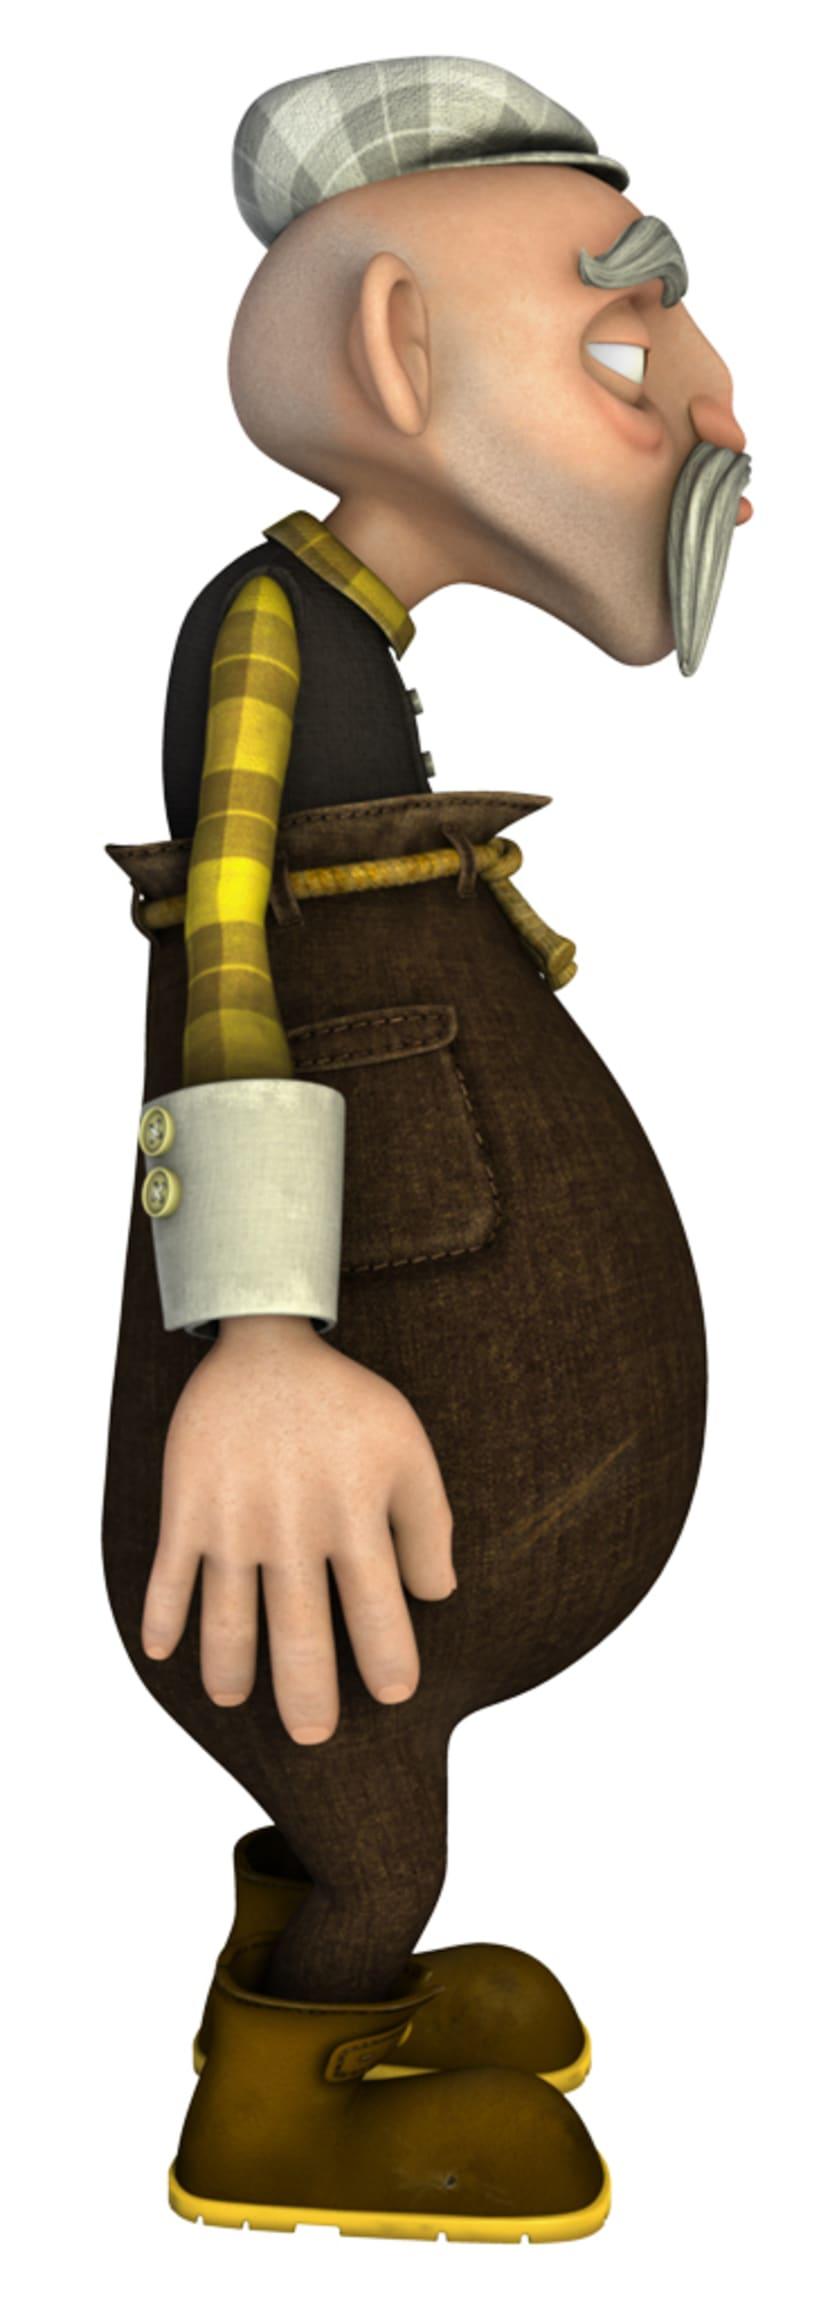 Mr. Seth 3